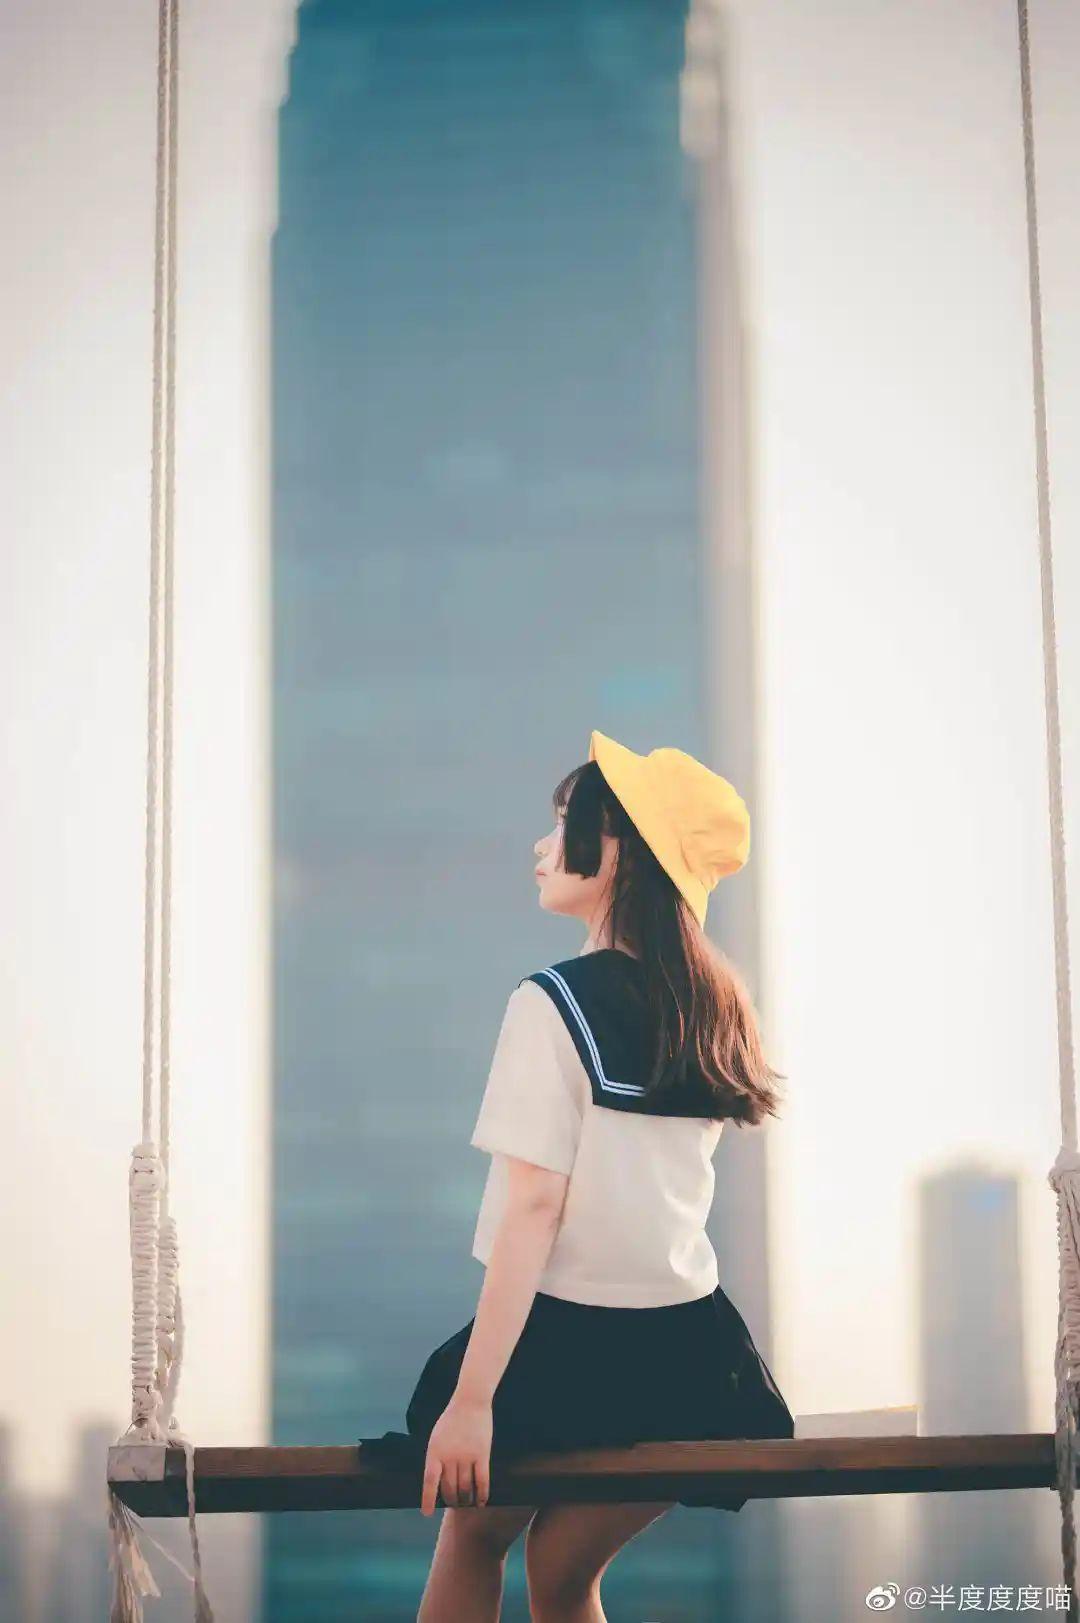 妹子摄影 – 元气JK制服少女,站在天台眺望高楼和朝阳_图片 No.6